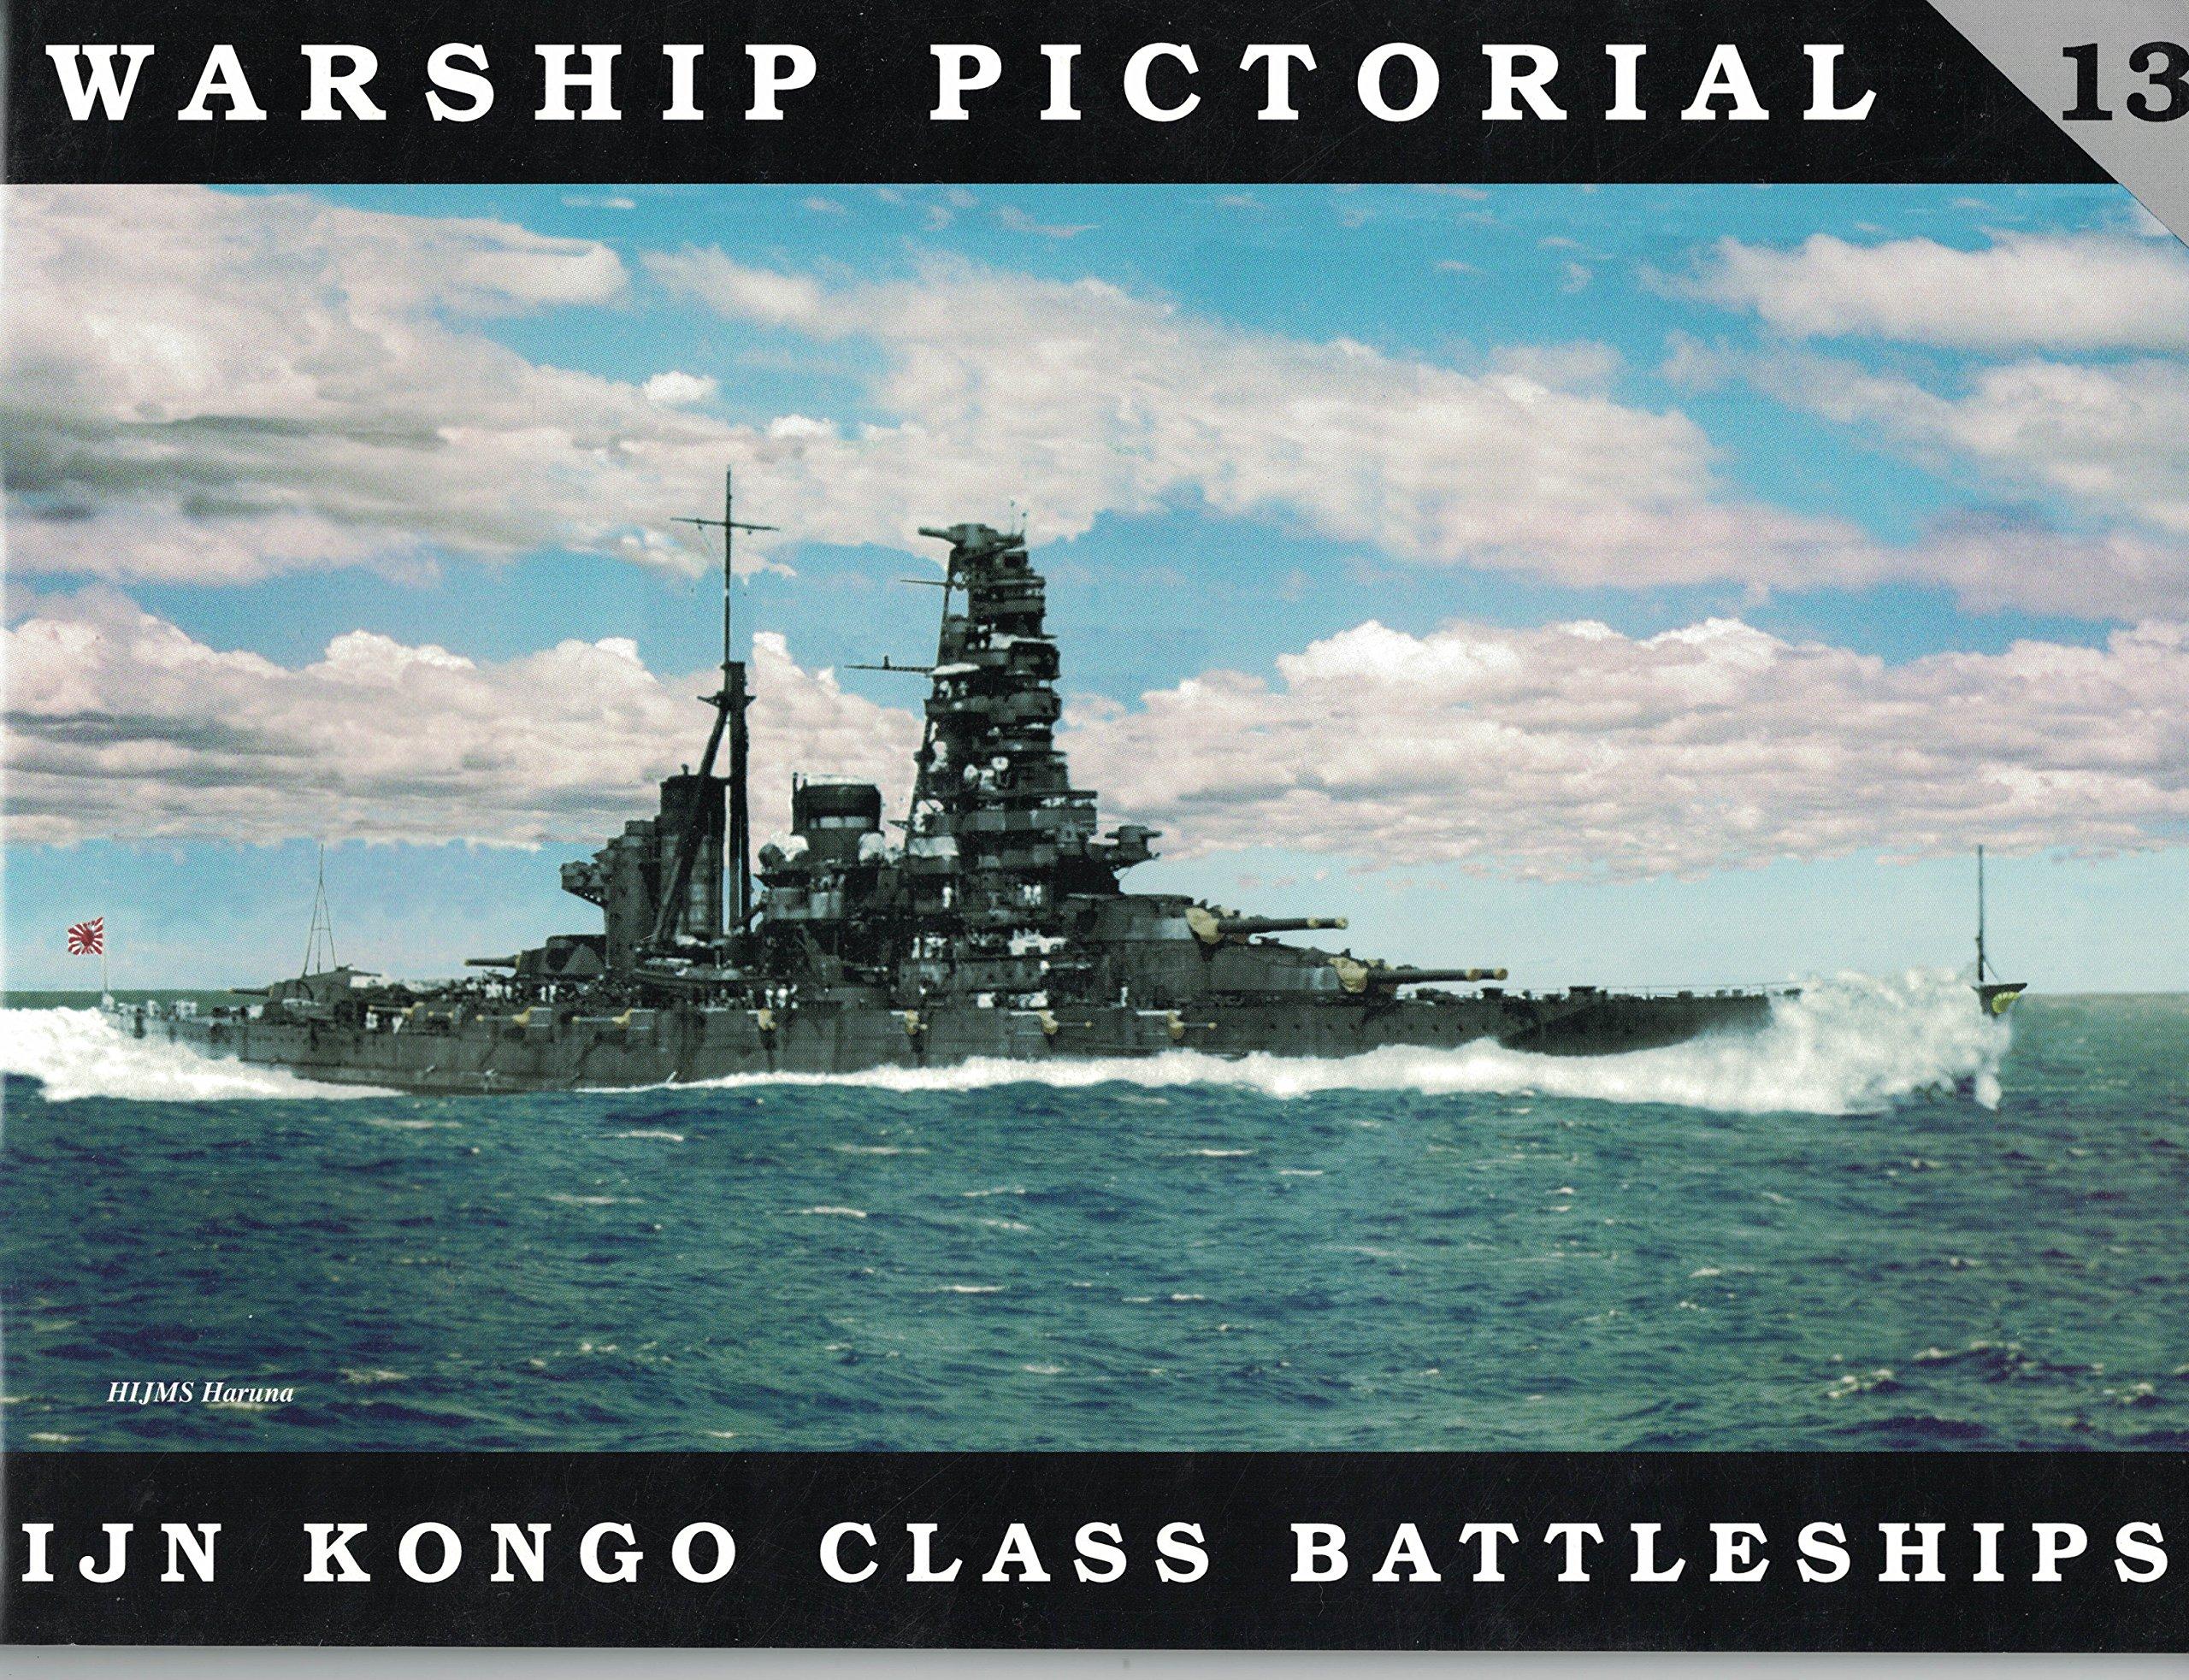 warship-pictorial-no-13-ijn-kongo-class-battleships